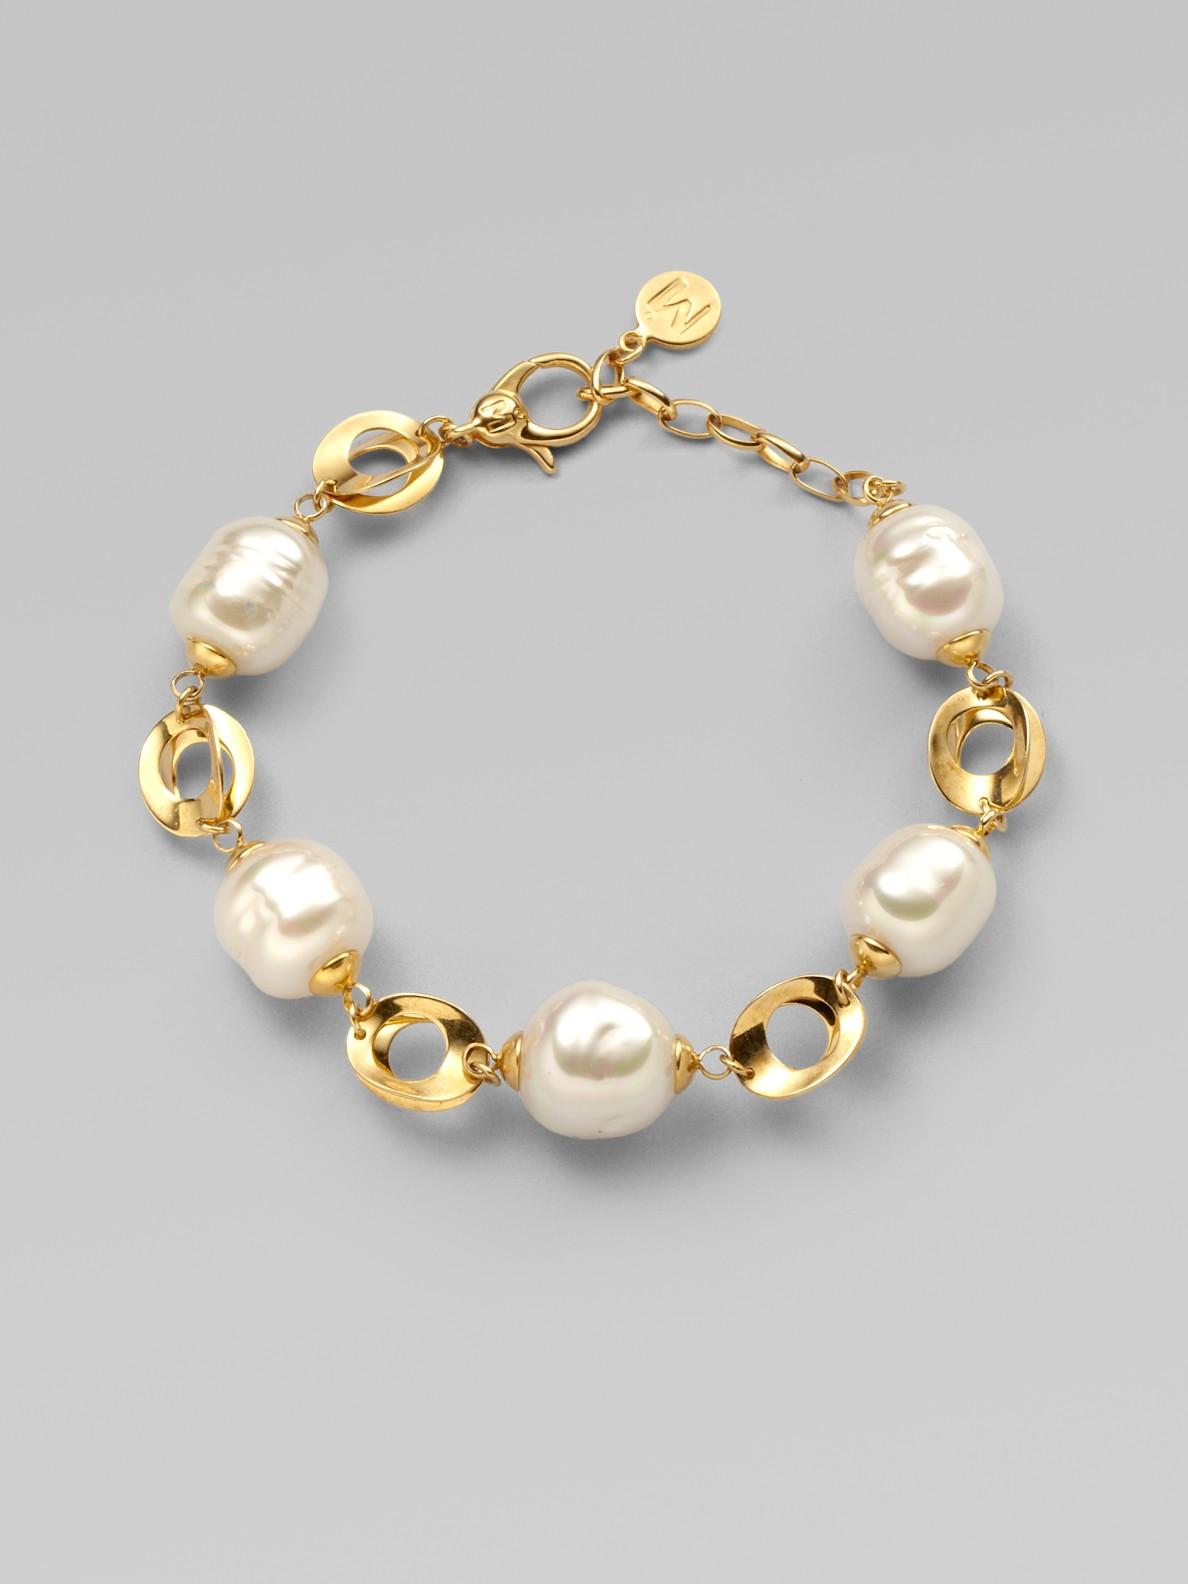 Majorica 12mm White Baroque Pearl Link Bracelet In